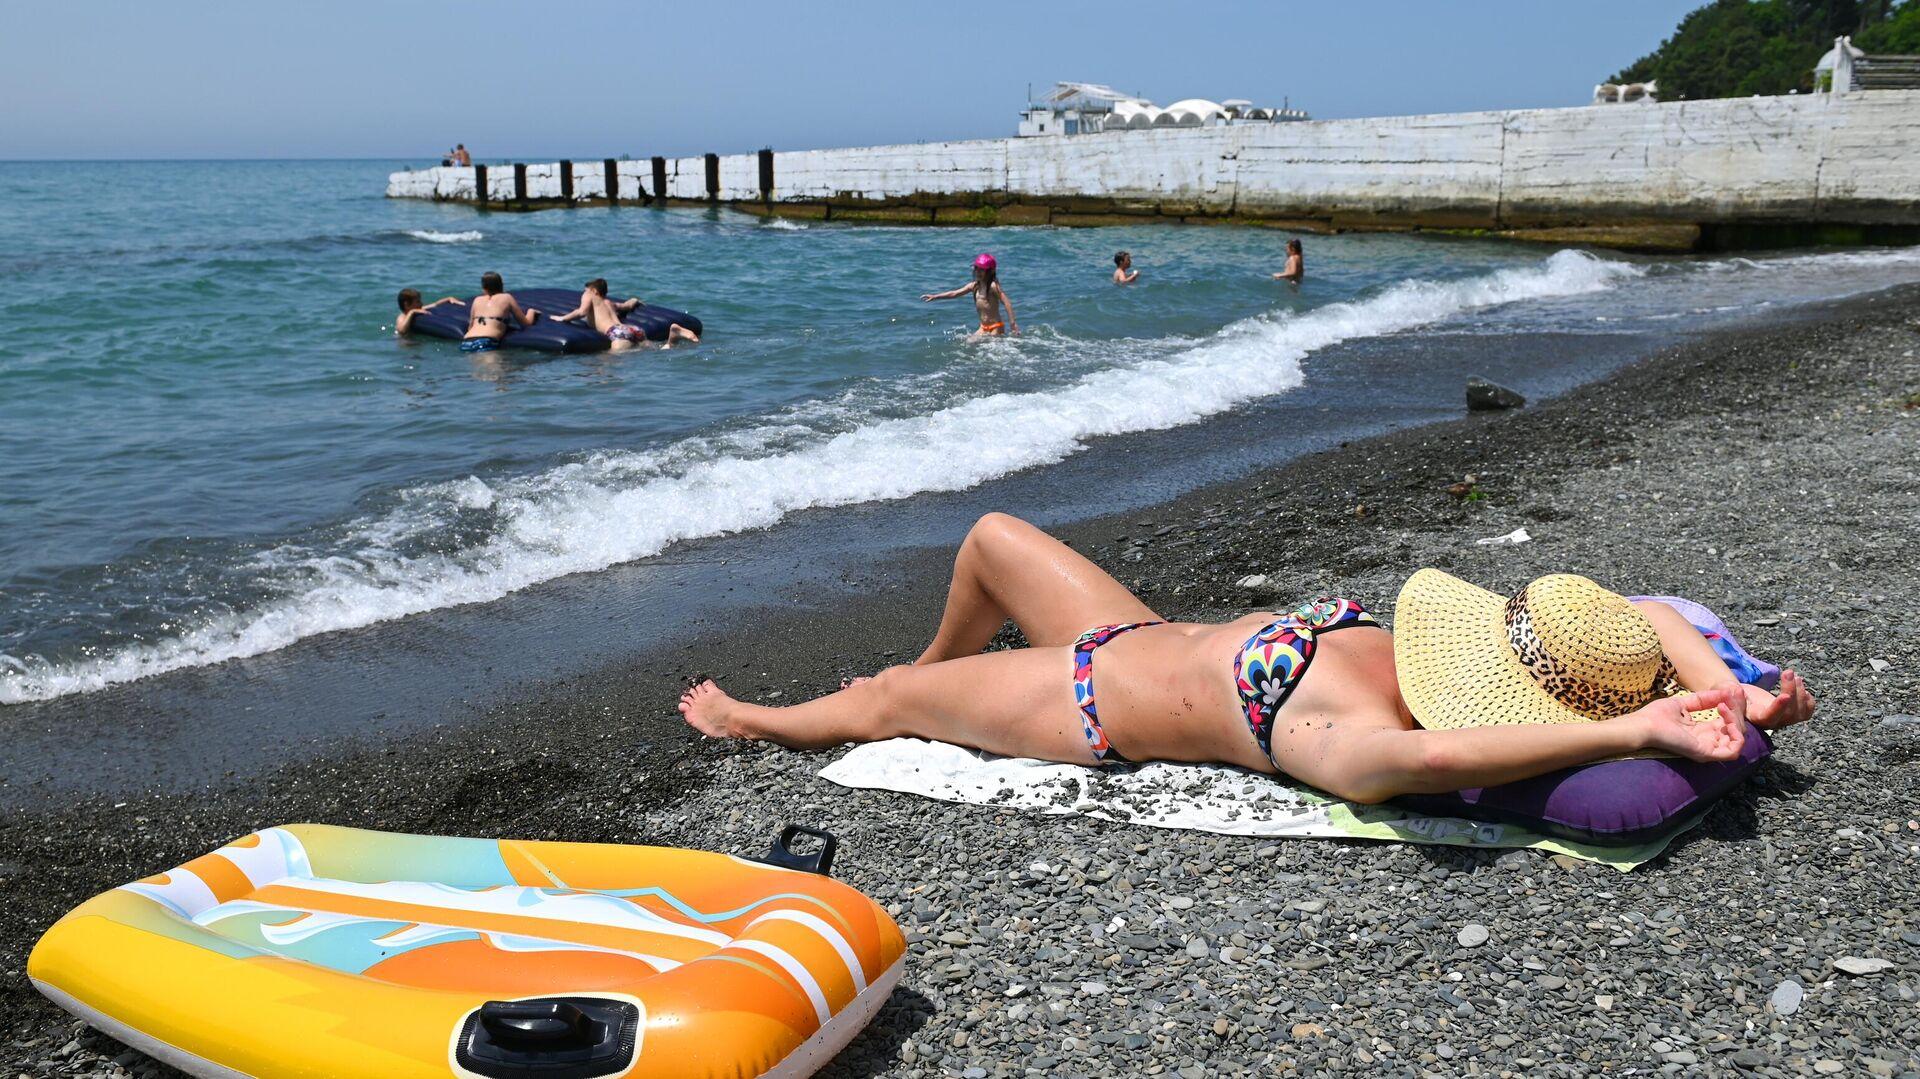 Отдыхающие на пляже в Хостинском районе города Сочи - РИА Новости, 1920, 24.06.2021